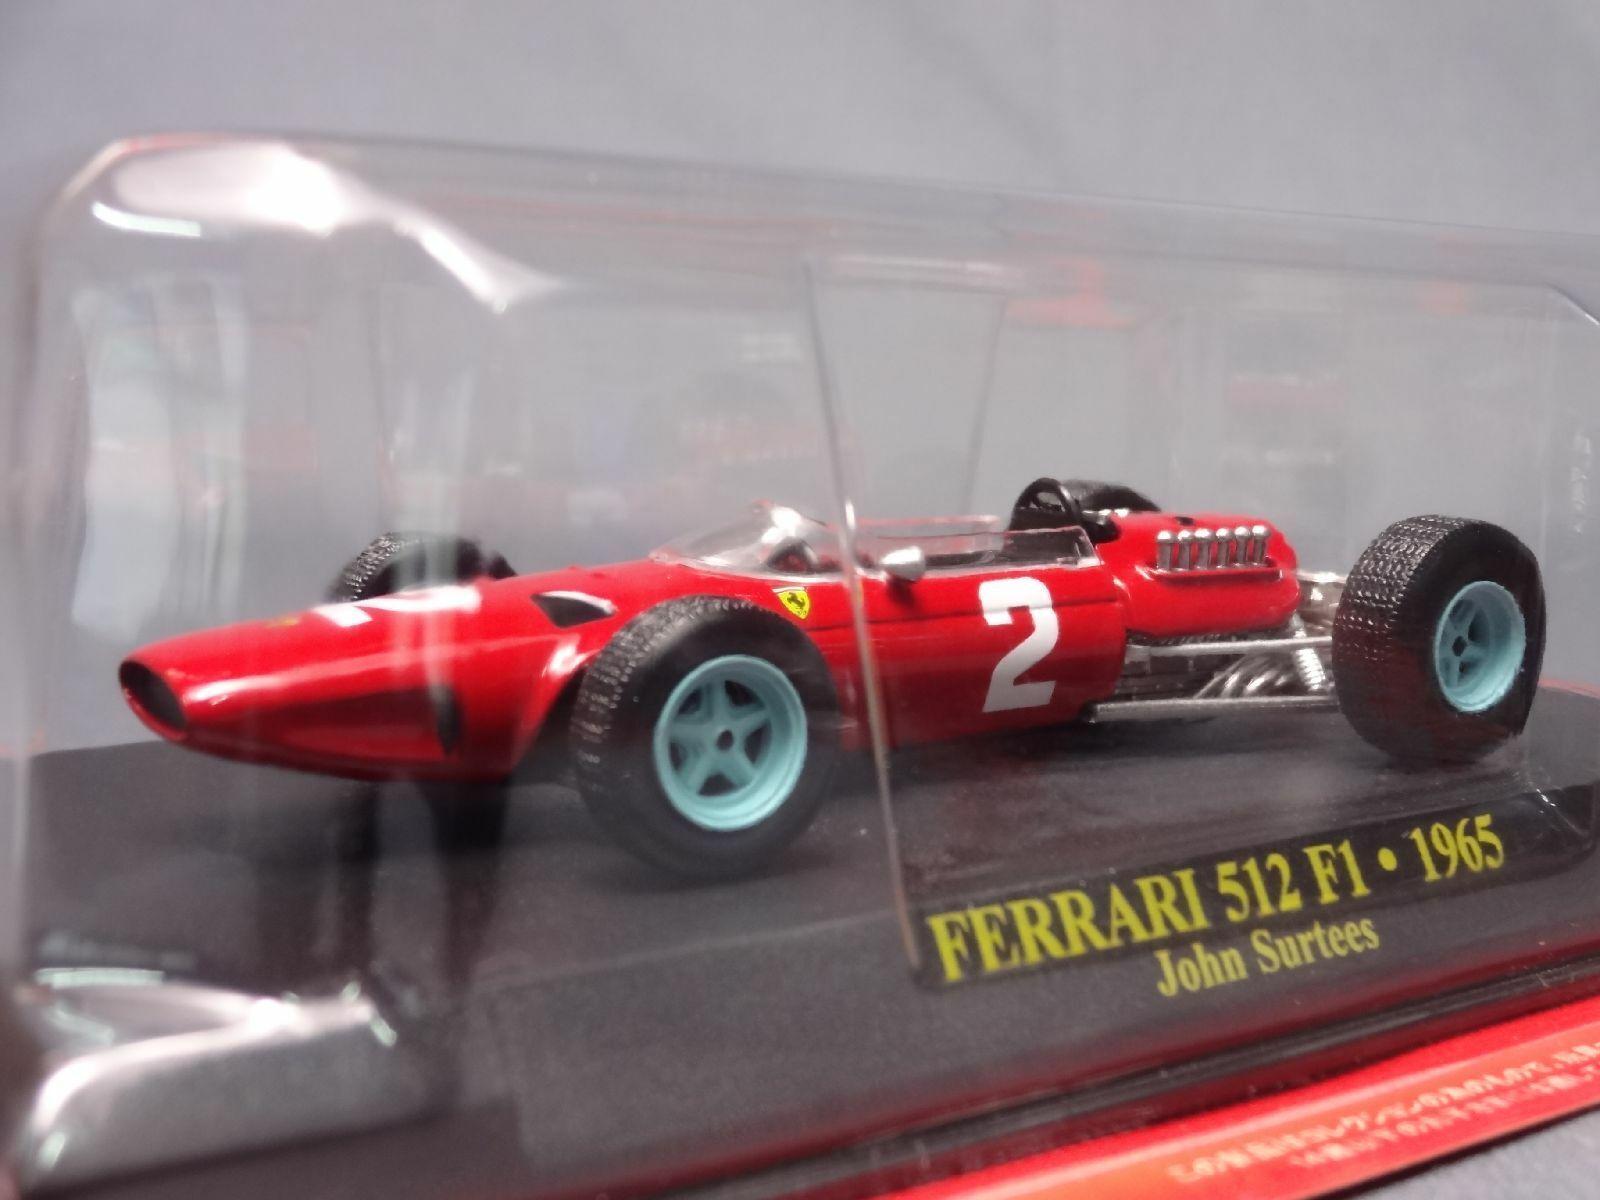 Ferrari Collection F1 512 1965 John échelle 1 43 Mini Voiture Affichage Diecast 39